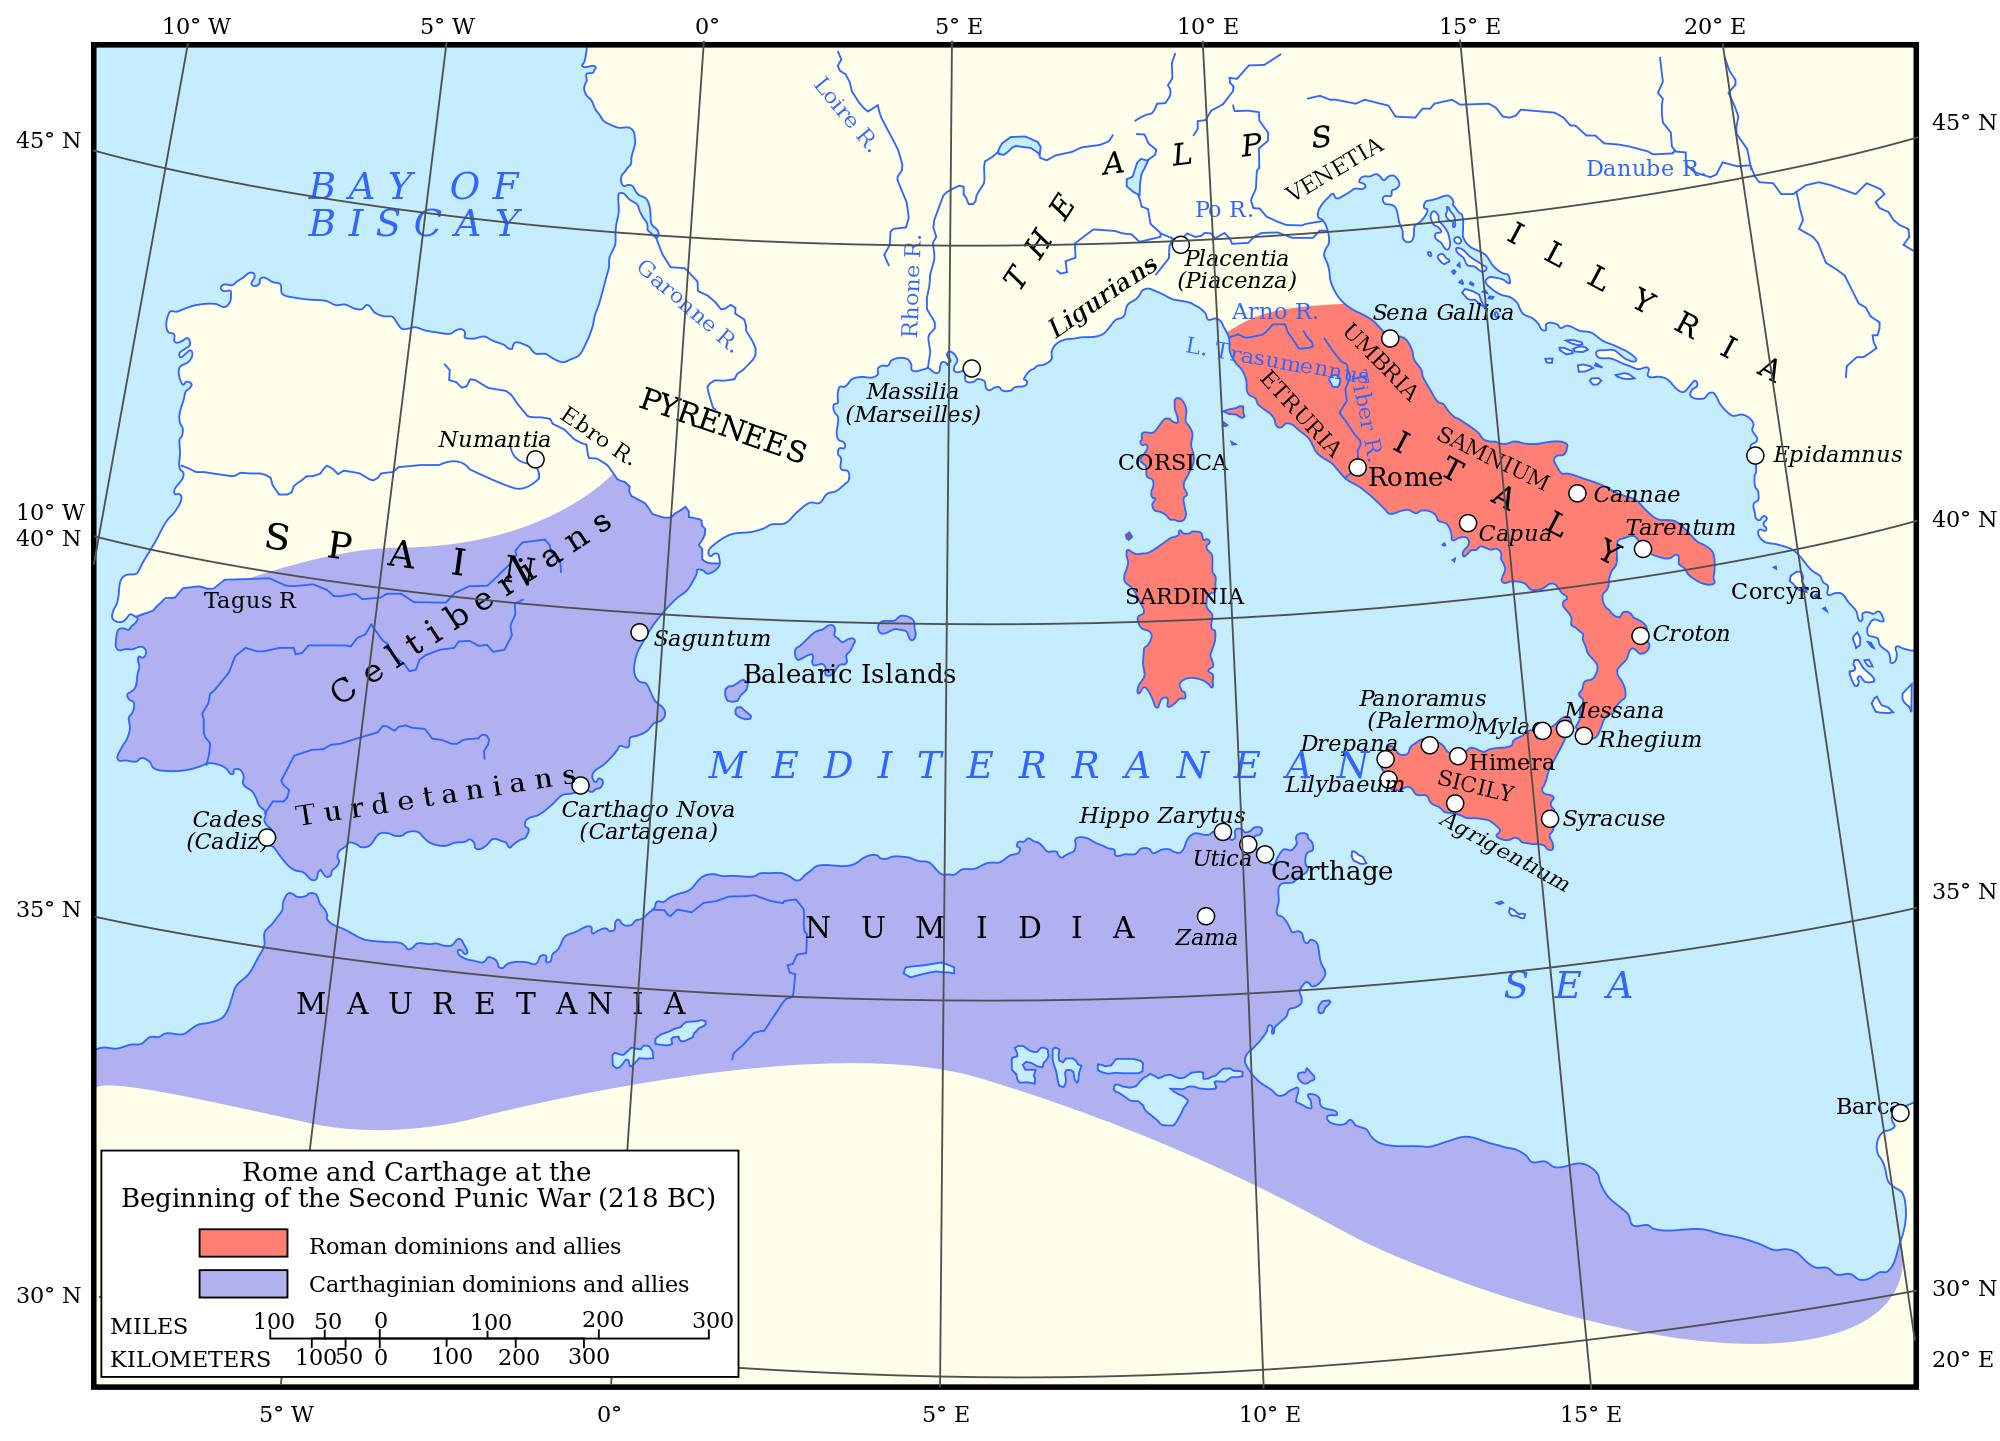 Hannibal vs. Rimania – Vojská v Druhej púnskej vojne I.